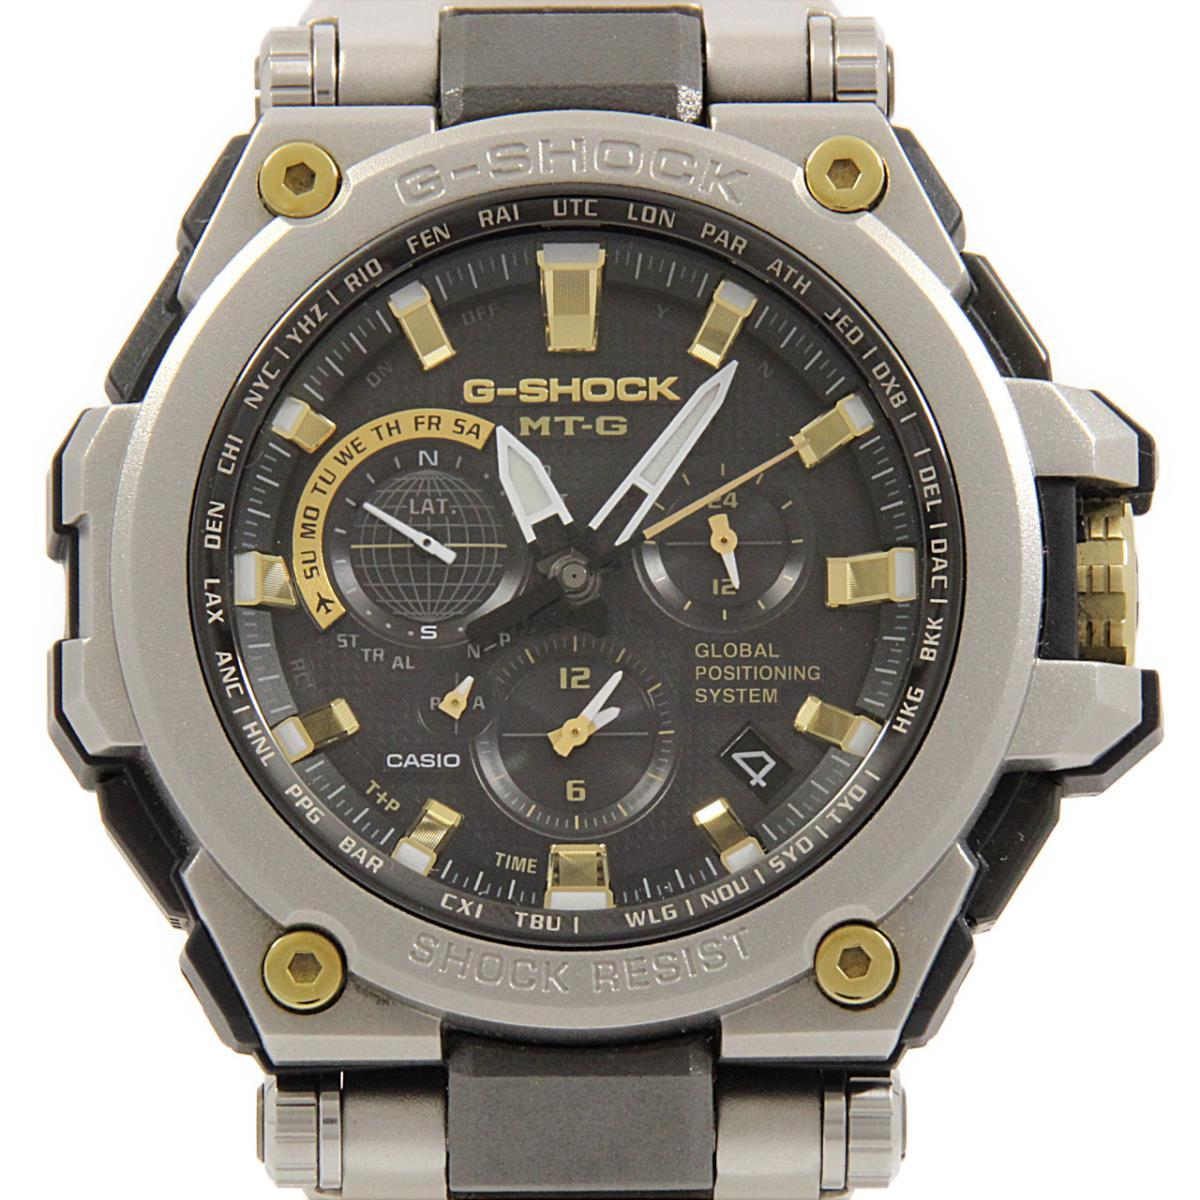 腕時計, メンズ腕時計  MTGG1000SG1AJF GSHOCKMTG GPS